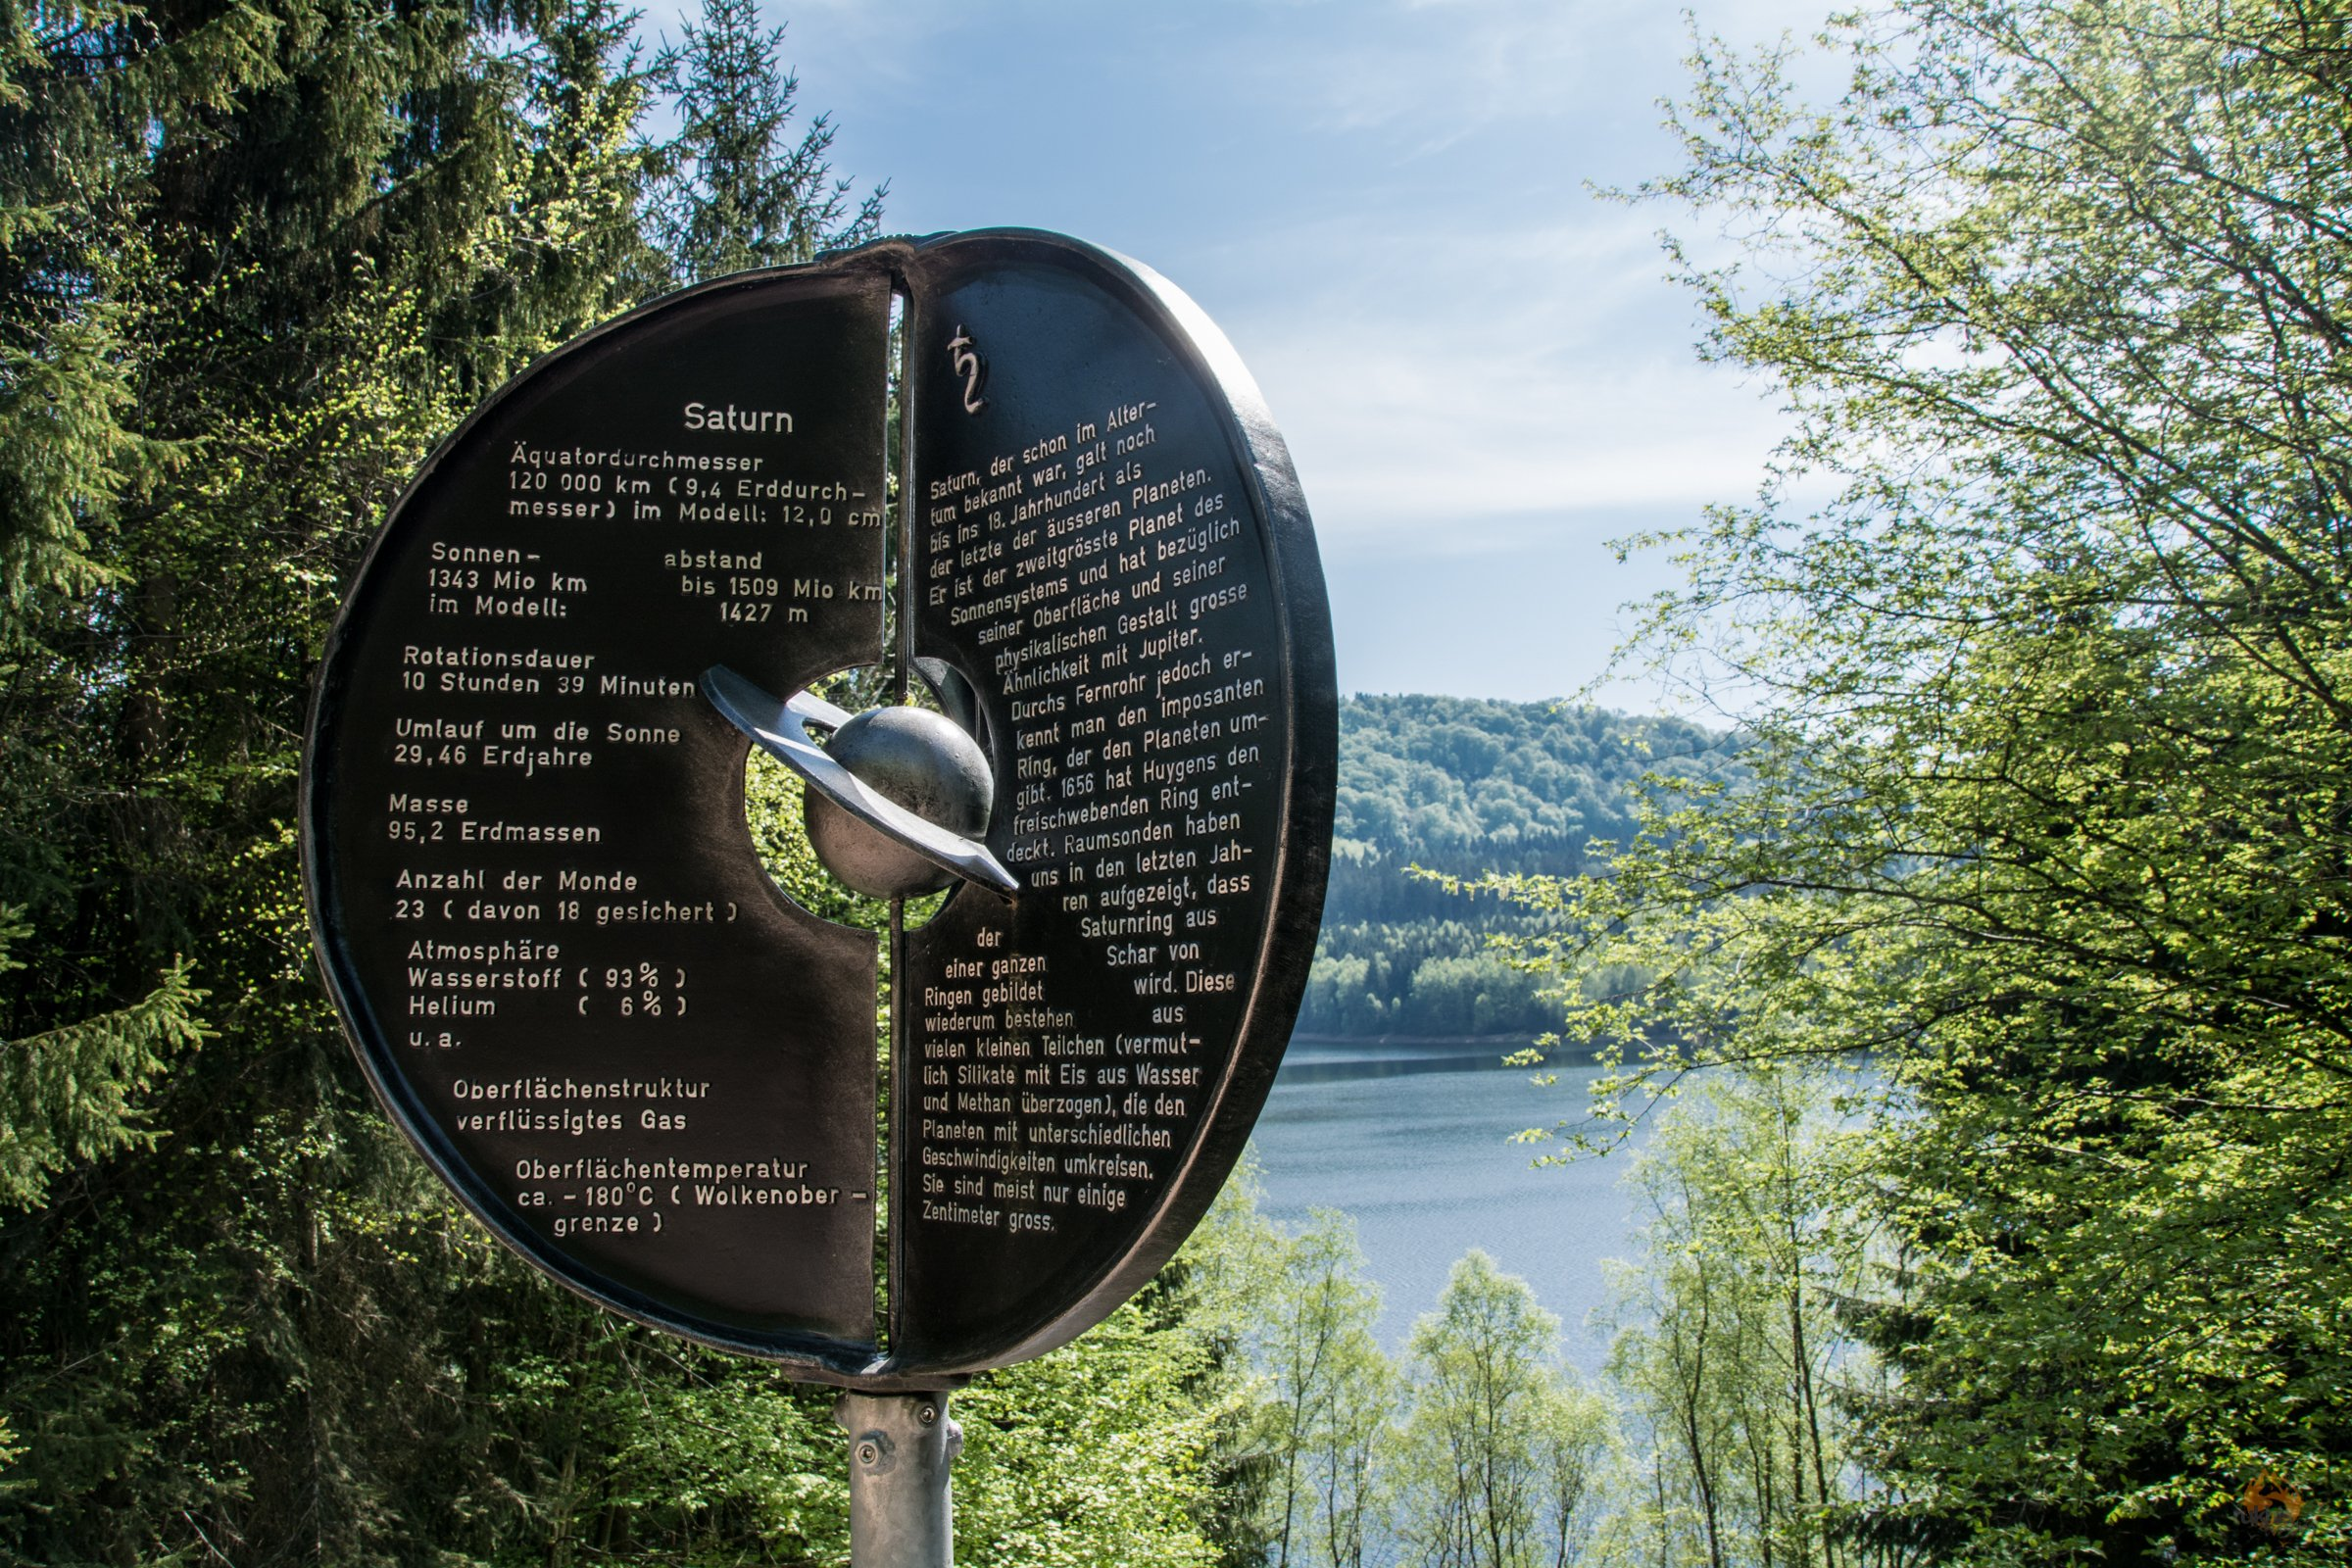 Seerundweg Primstalsperre mit Planetenwanderweg Saarland